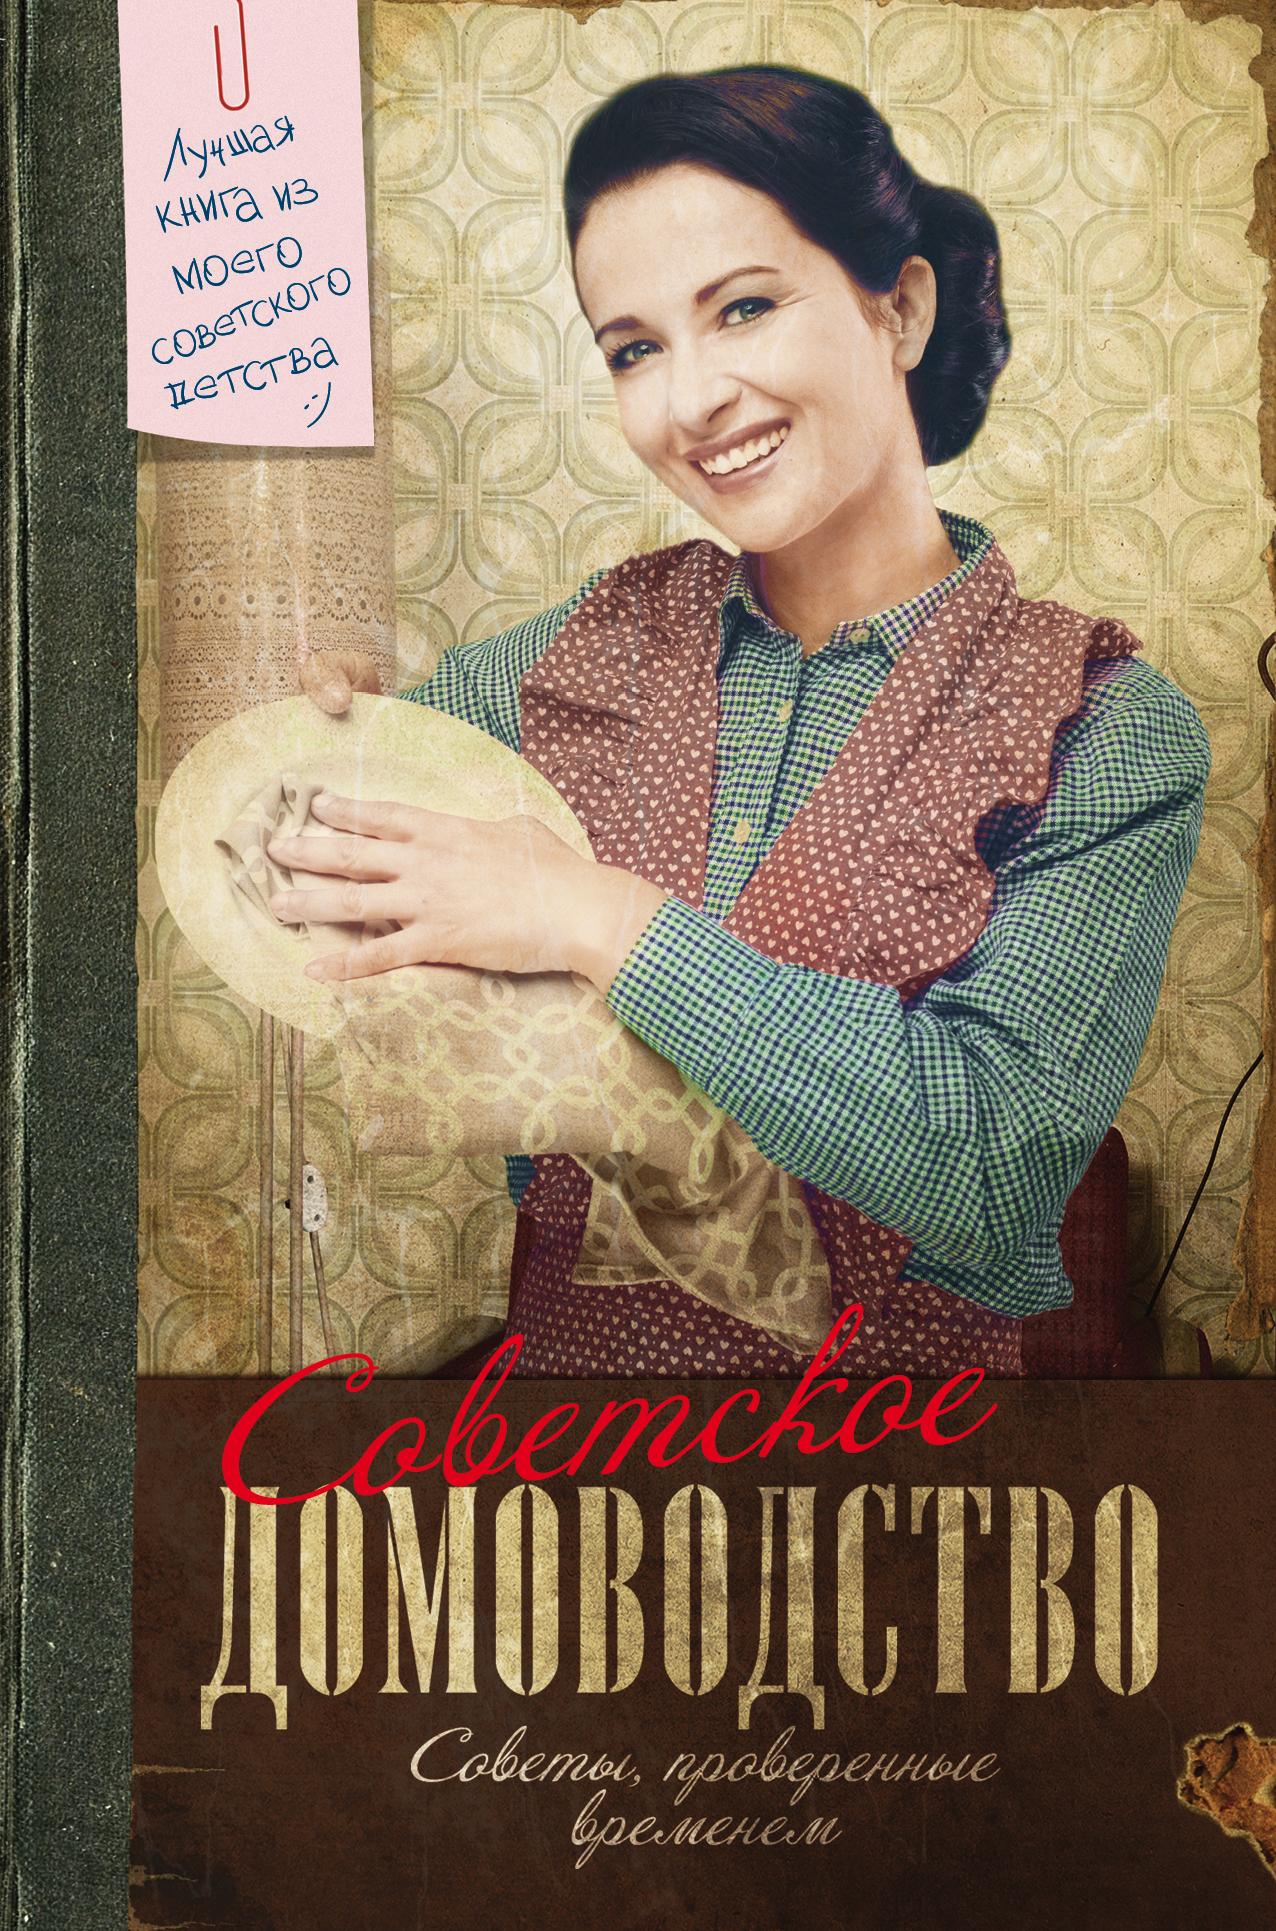 Советское домоводство ( Тихонова И.С.  )